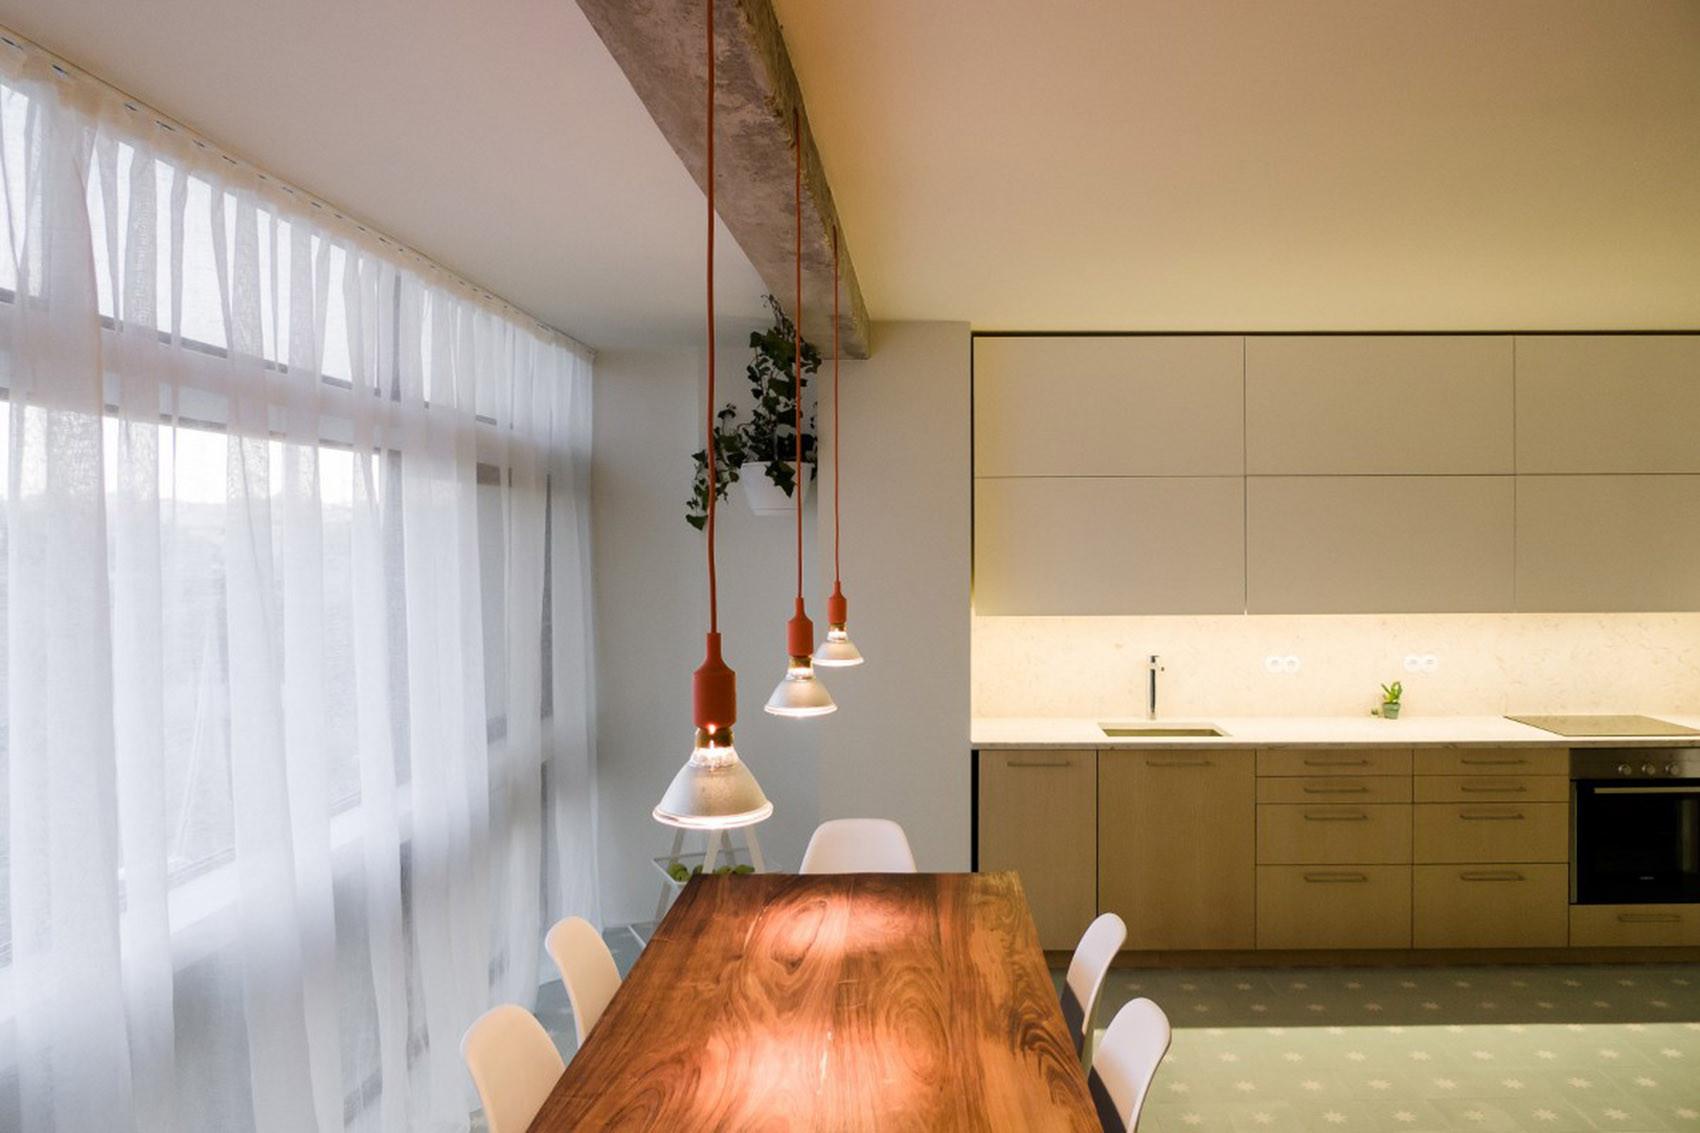 公寓简约装修餐厅吊灯图片